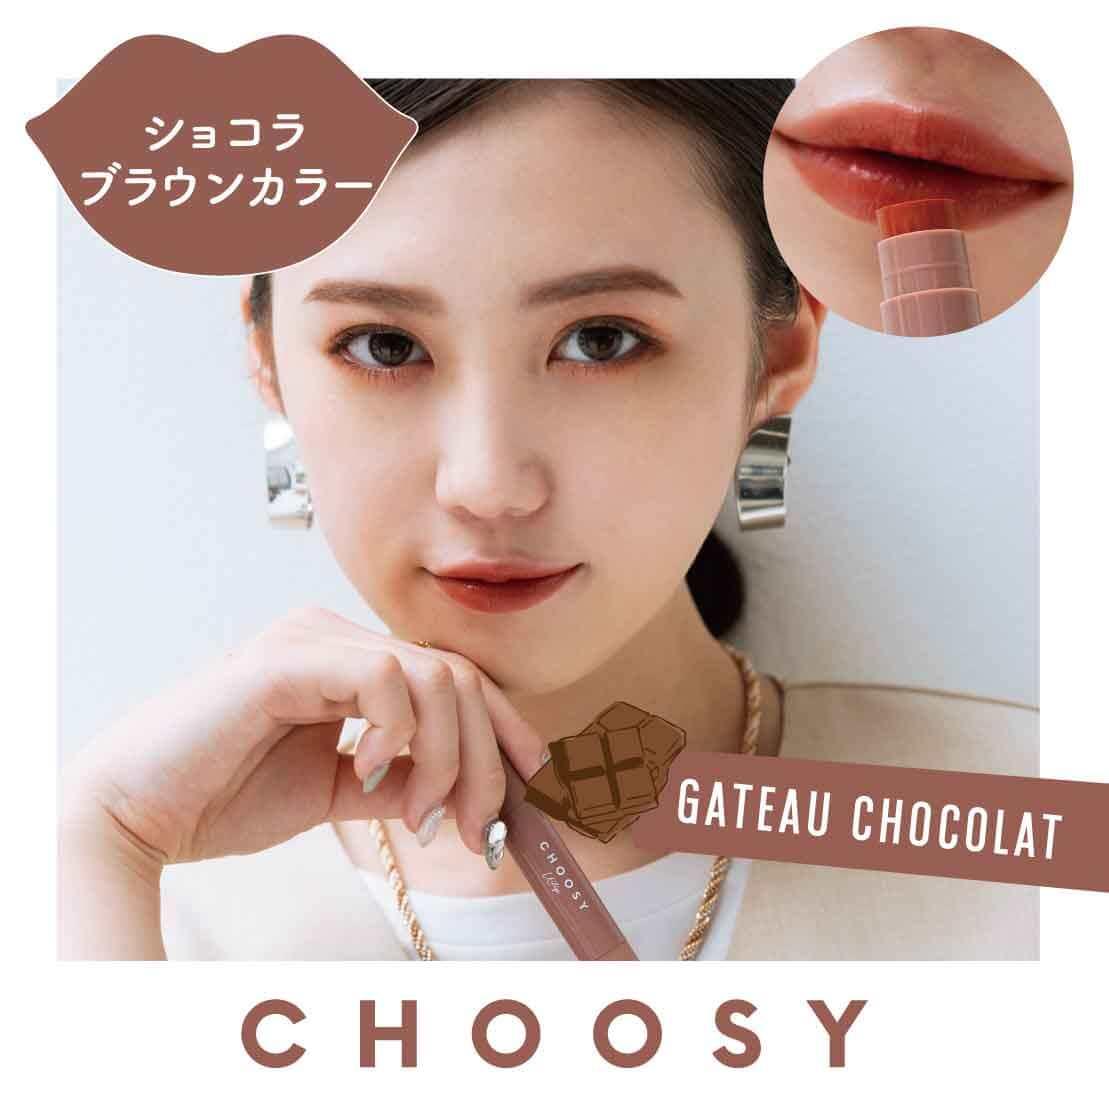 CHOOSY(チューシー)カラーケアリップクリーム ショコラブラウン(ガトーショコラの香り)/¥462(税込み)